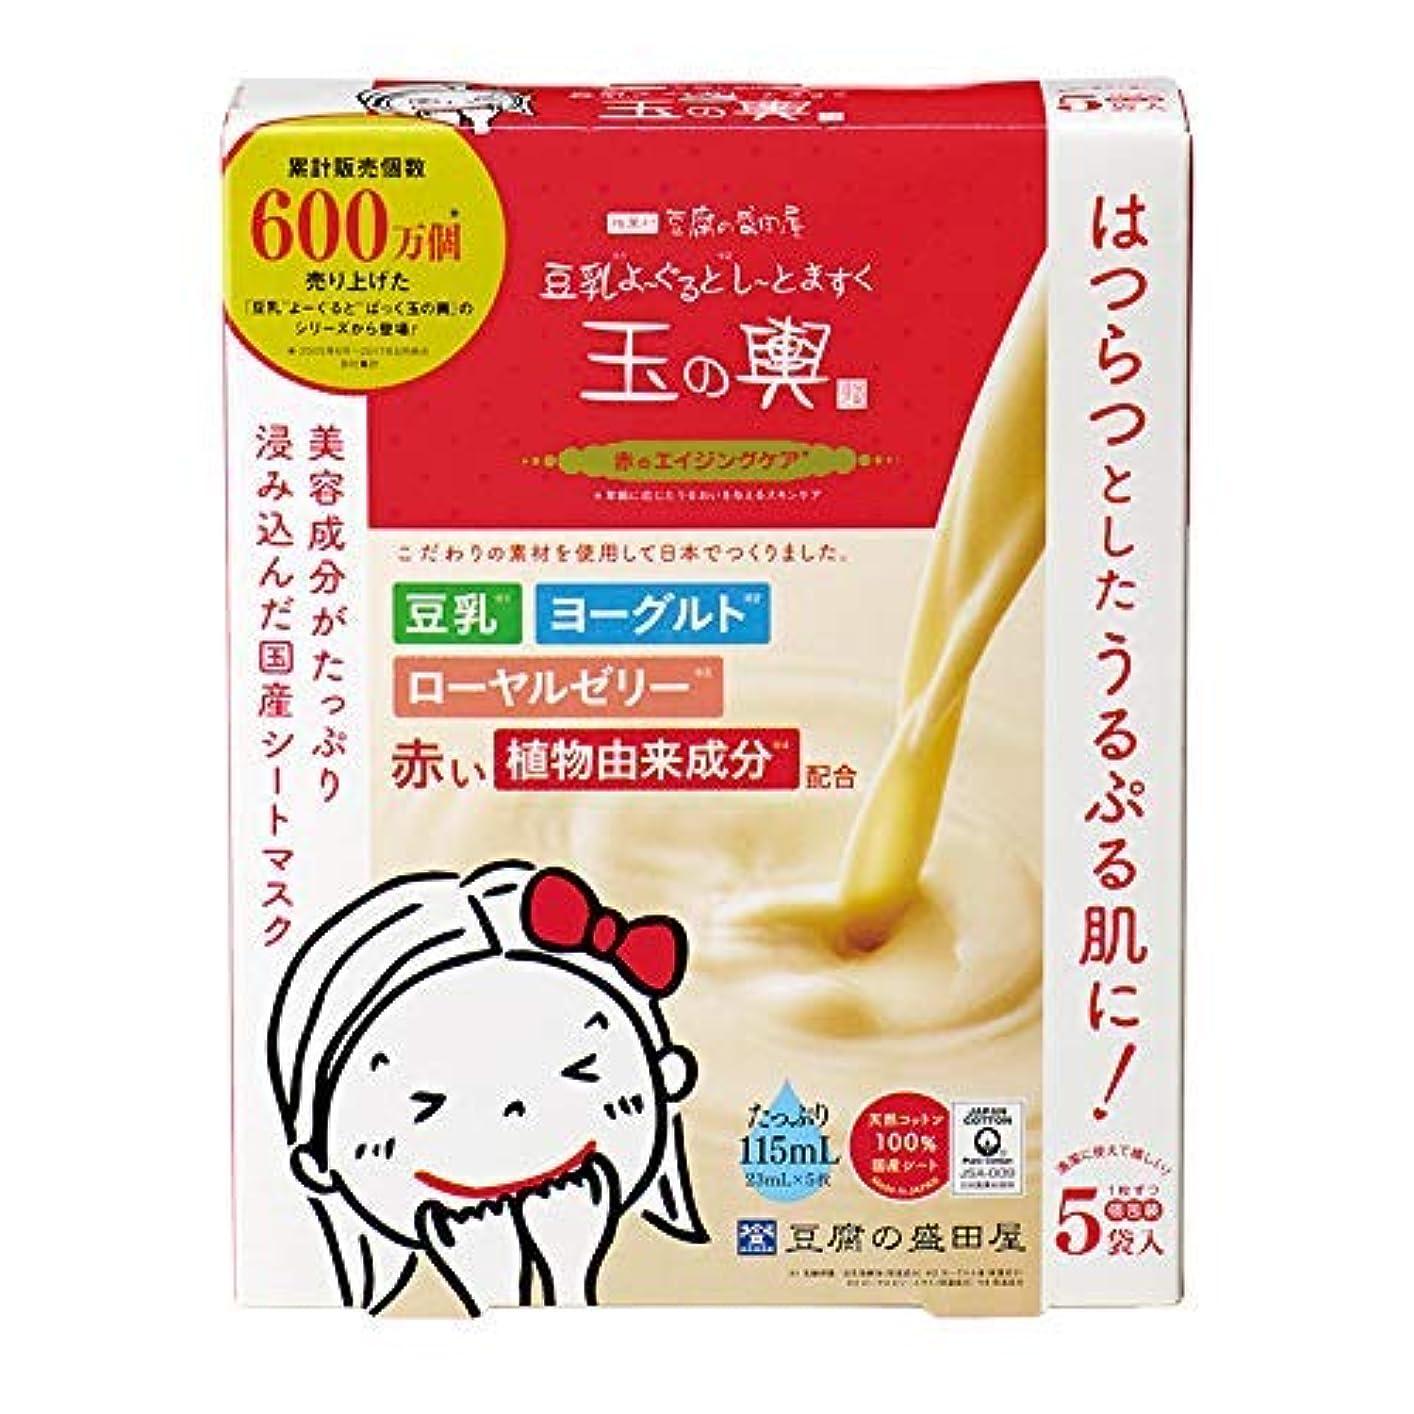 世界の窓橋新鮮な豆腐の盛田屋 豆乳よーぐるとしーとますく 玉の輿〈赤のエイジングケア〉23mL×5枚